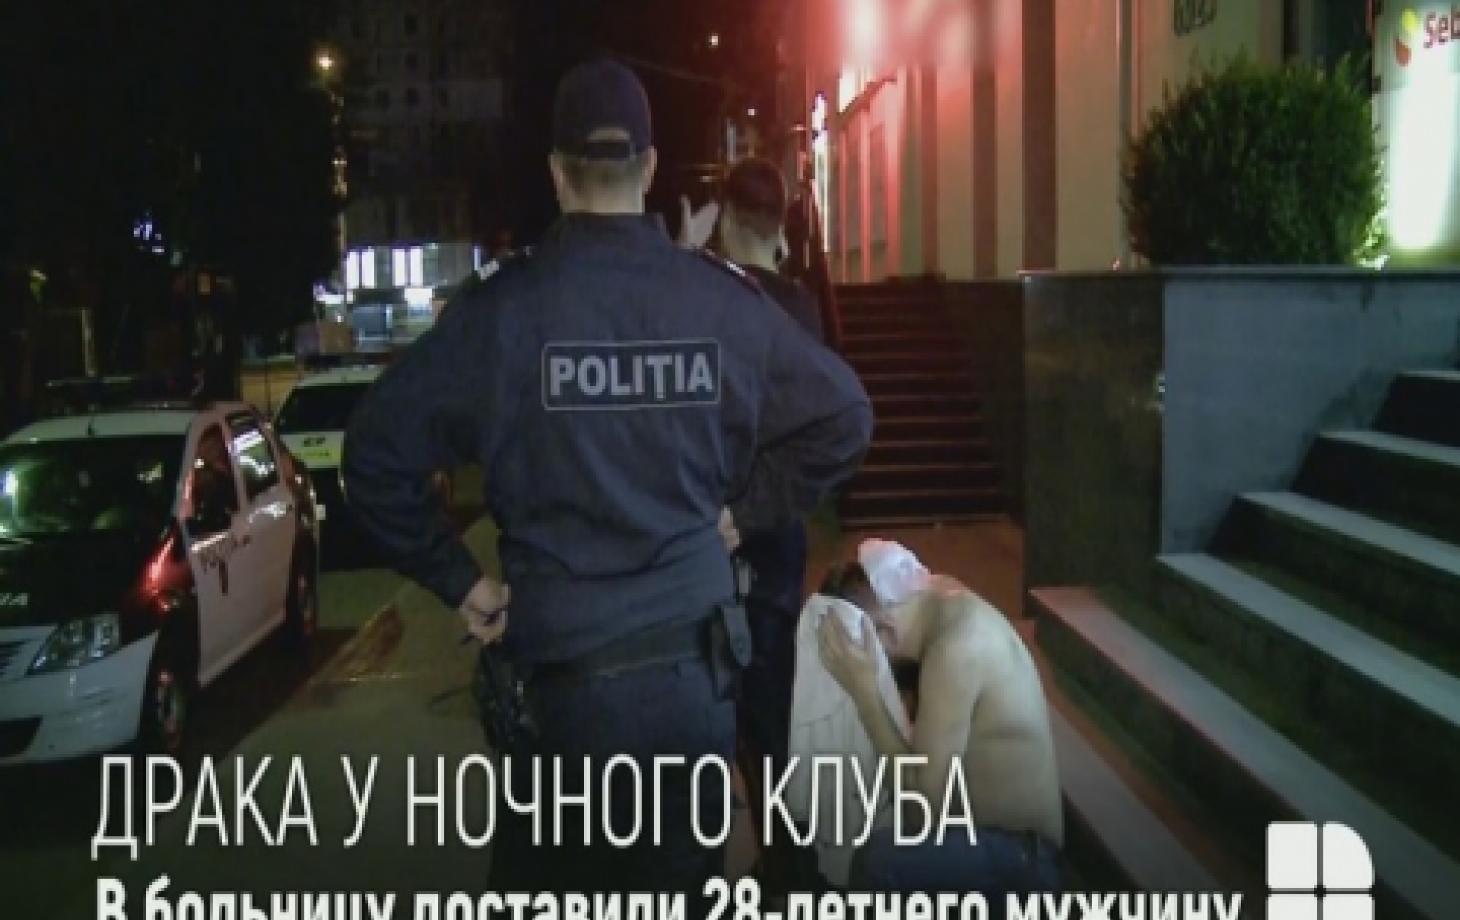 Драки в ночных клубах с охраной видео ночной клуб новосибирск в центре